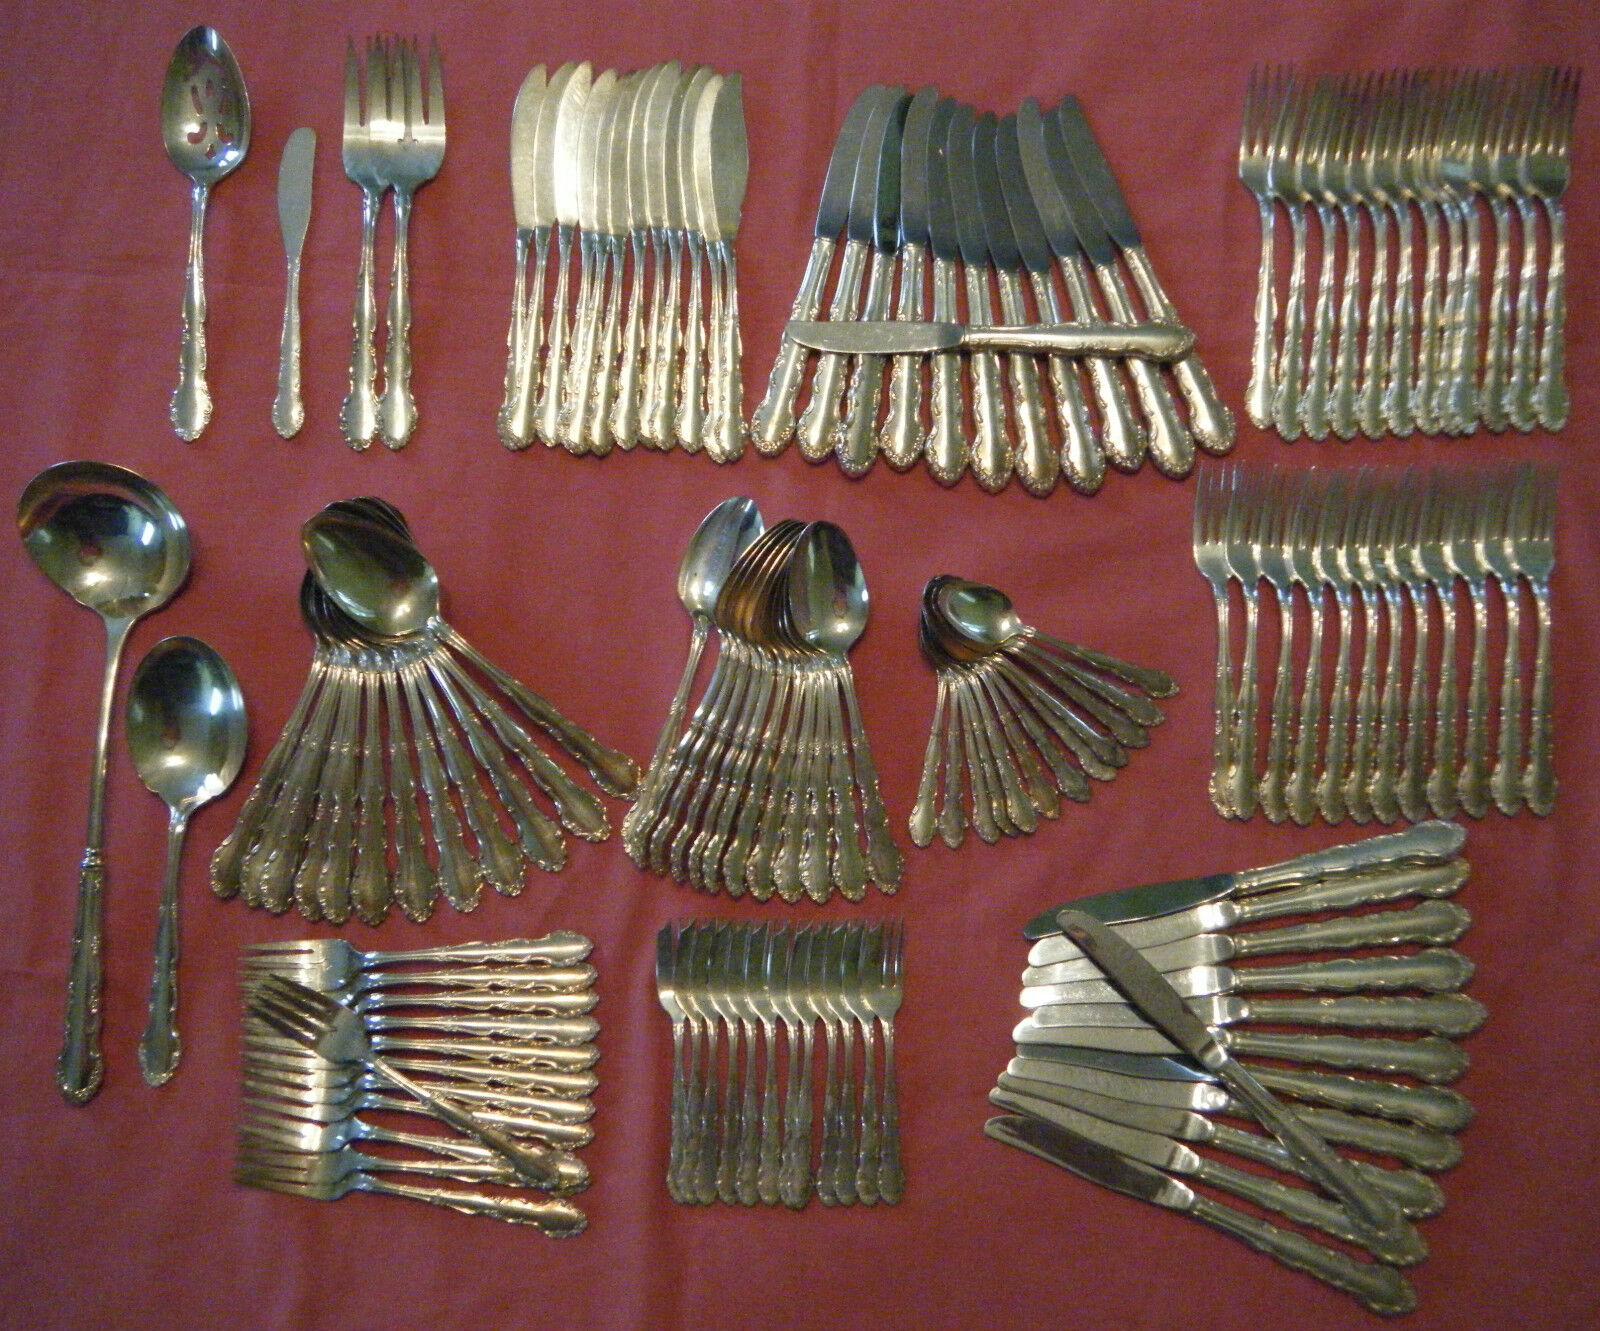 Couverts métal argenté made in UK 12 couverts- 126 pièces